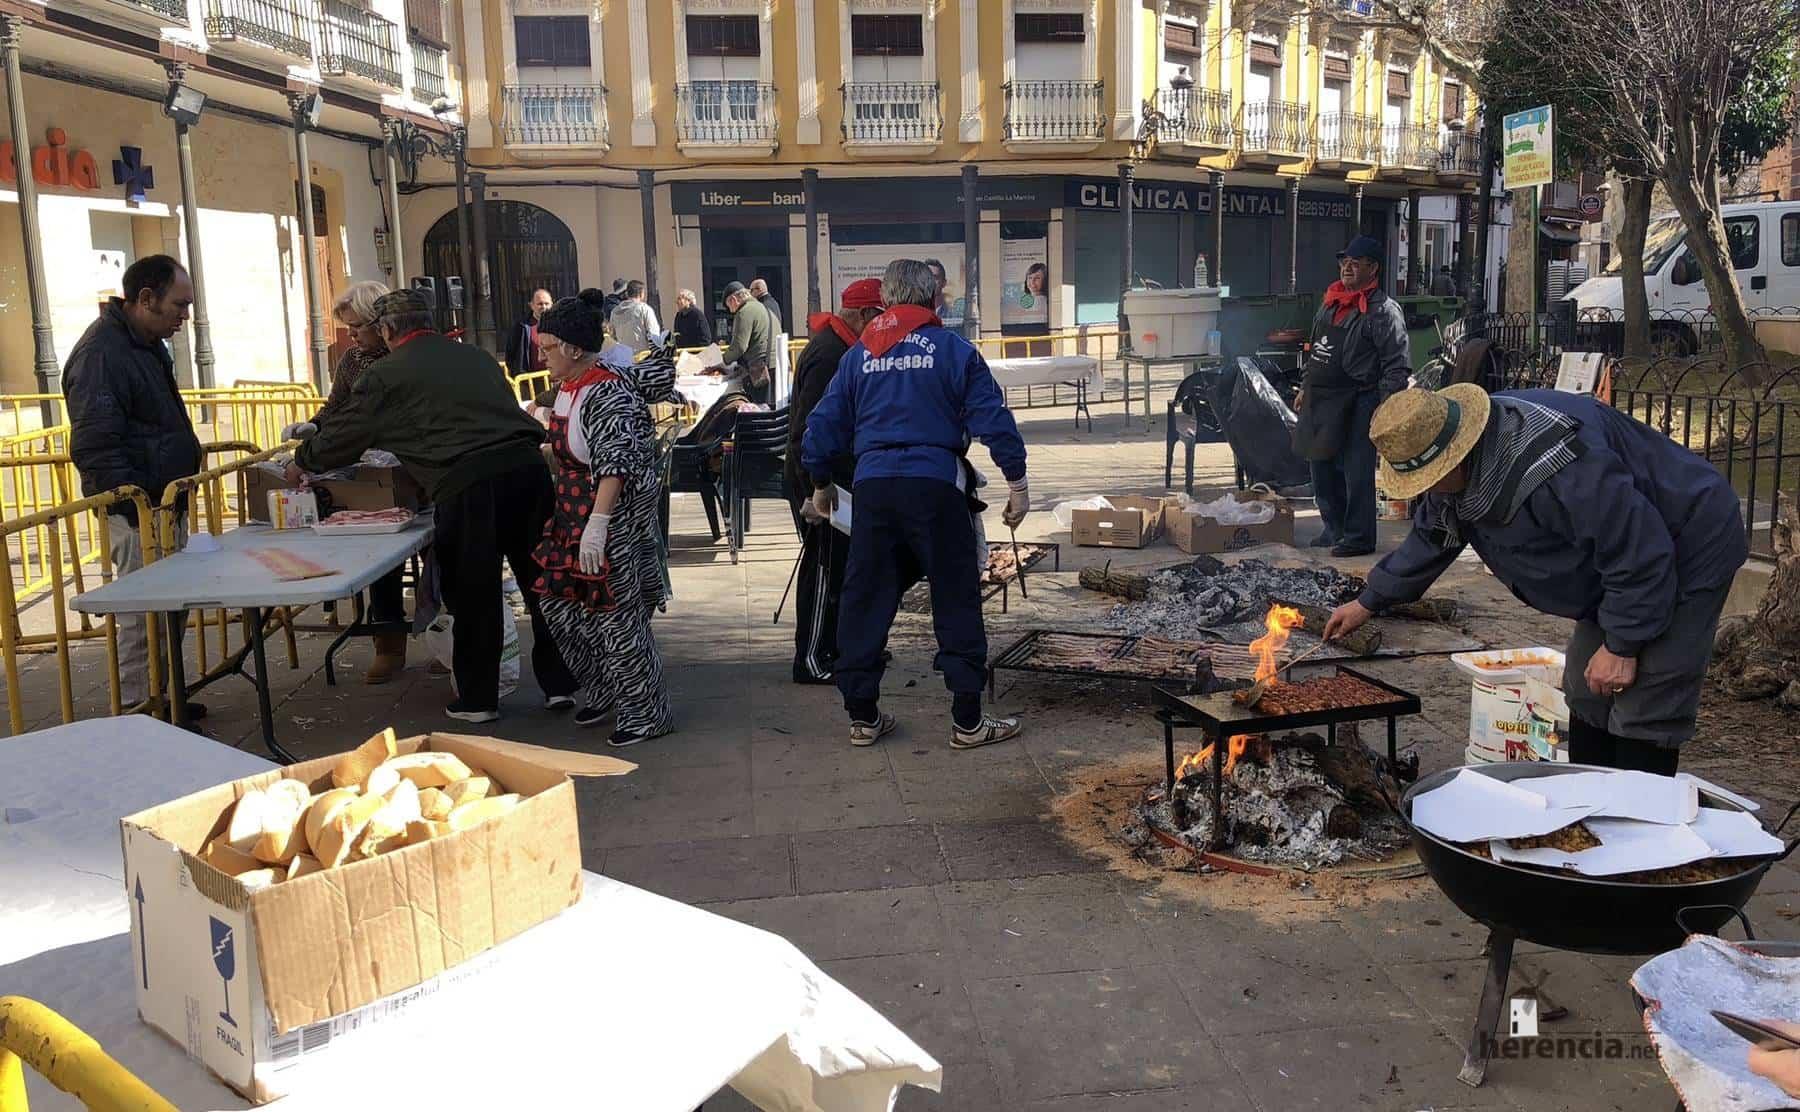 migas y matanza plaza herencia carnaval 1 - Degustación gastronómica de matanza y migas por Carnaval